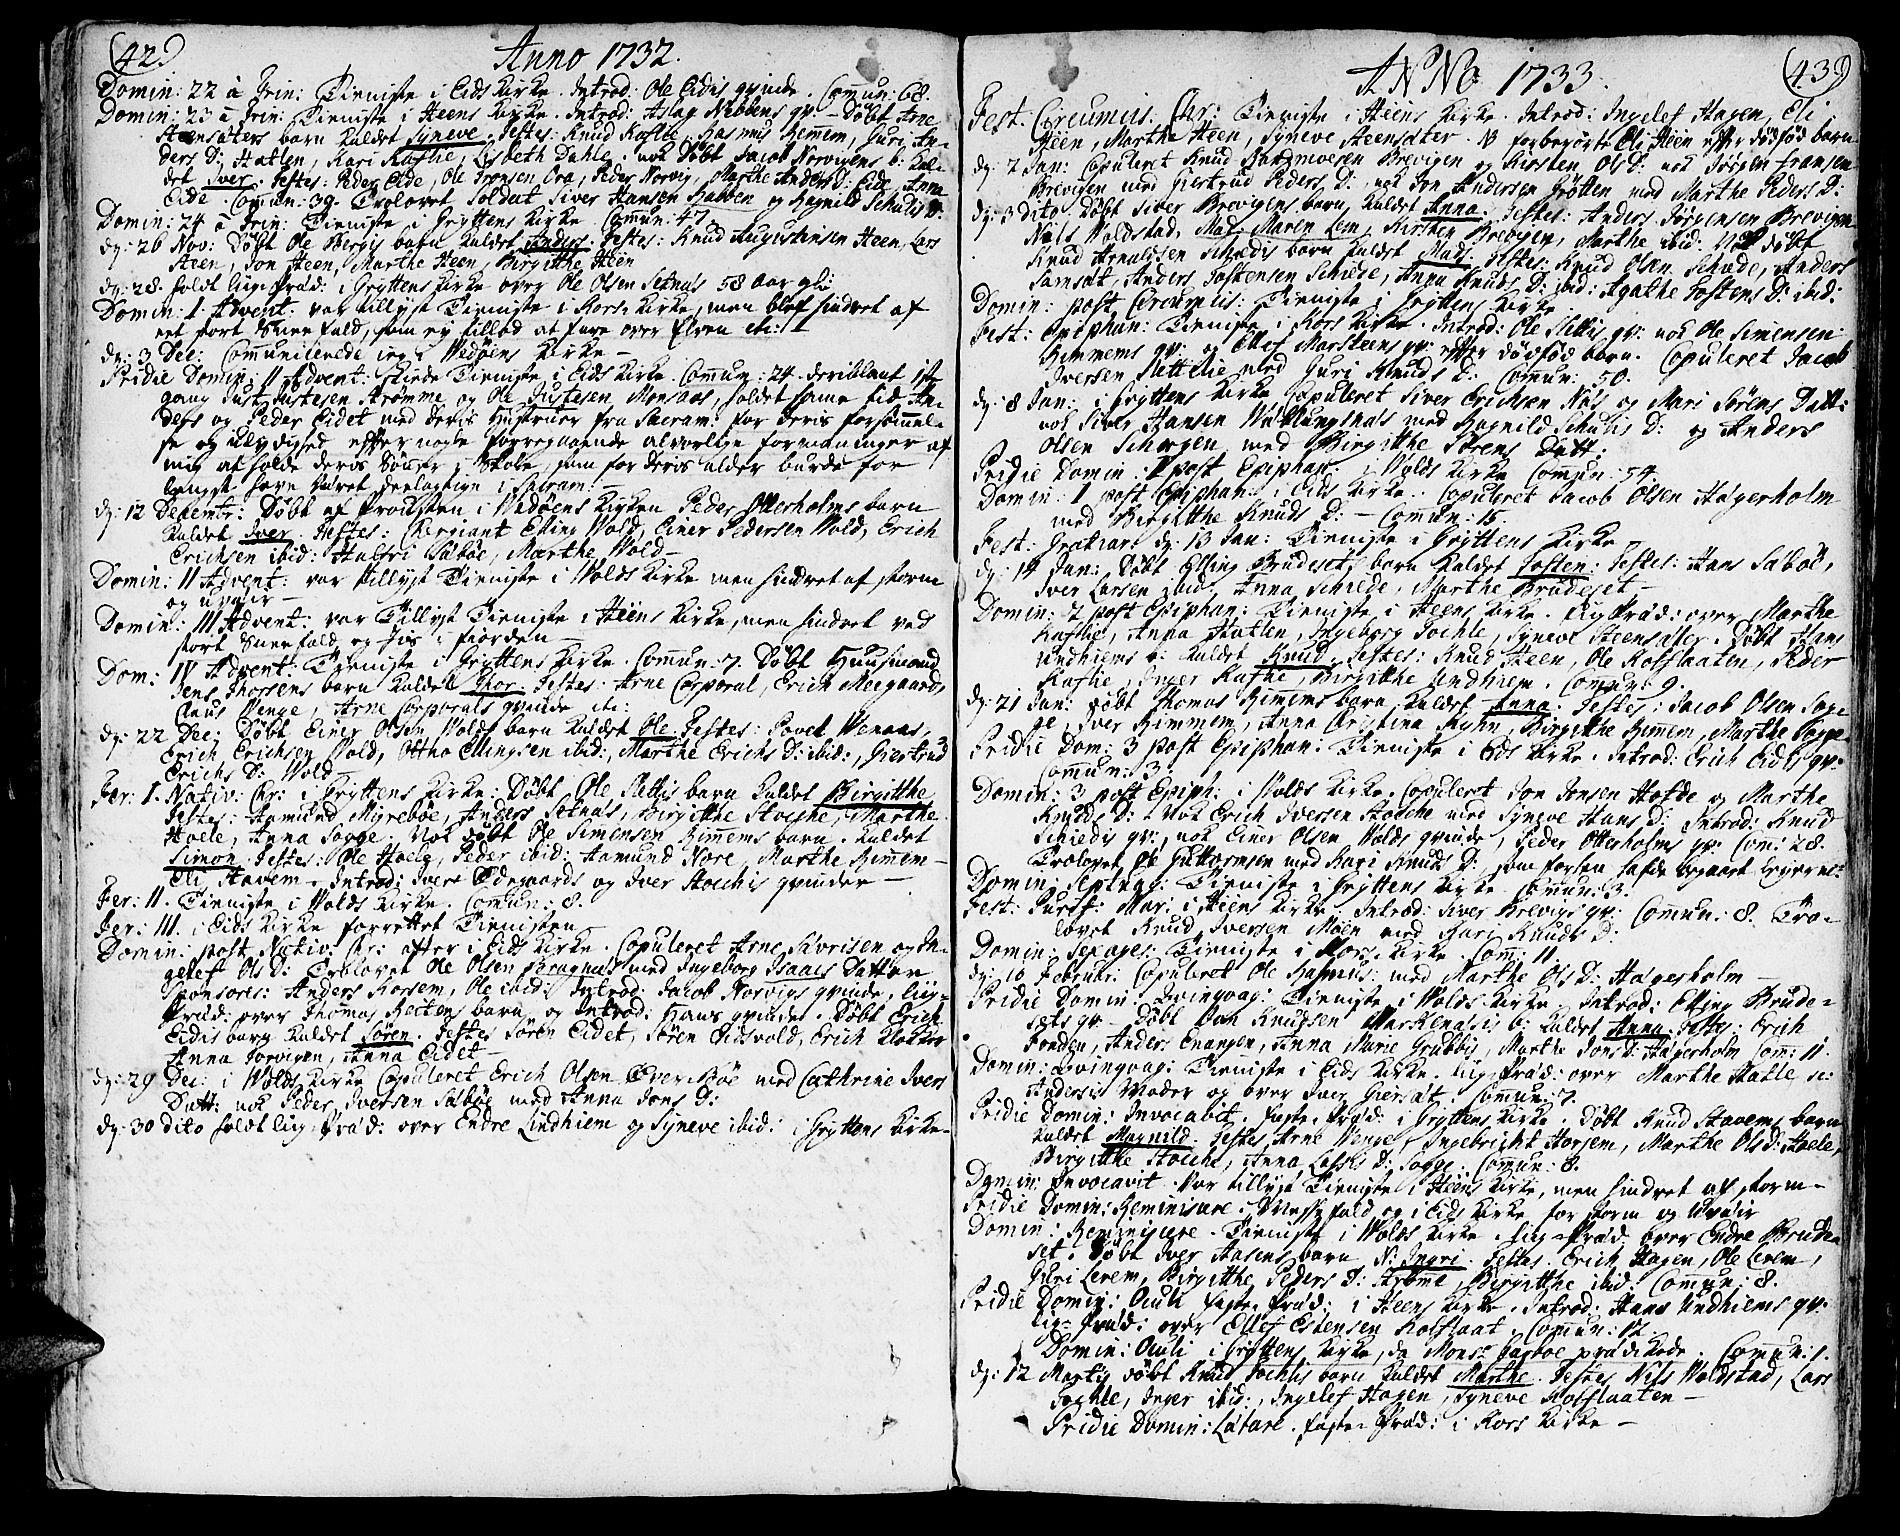 SAT, Ministerialprotokoller, klokkerbøker og fødselsregistre - Møre og Romsdal, 544/L0568: Ministerialbok nr. 544A01, 1725-1763, s. 42-43